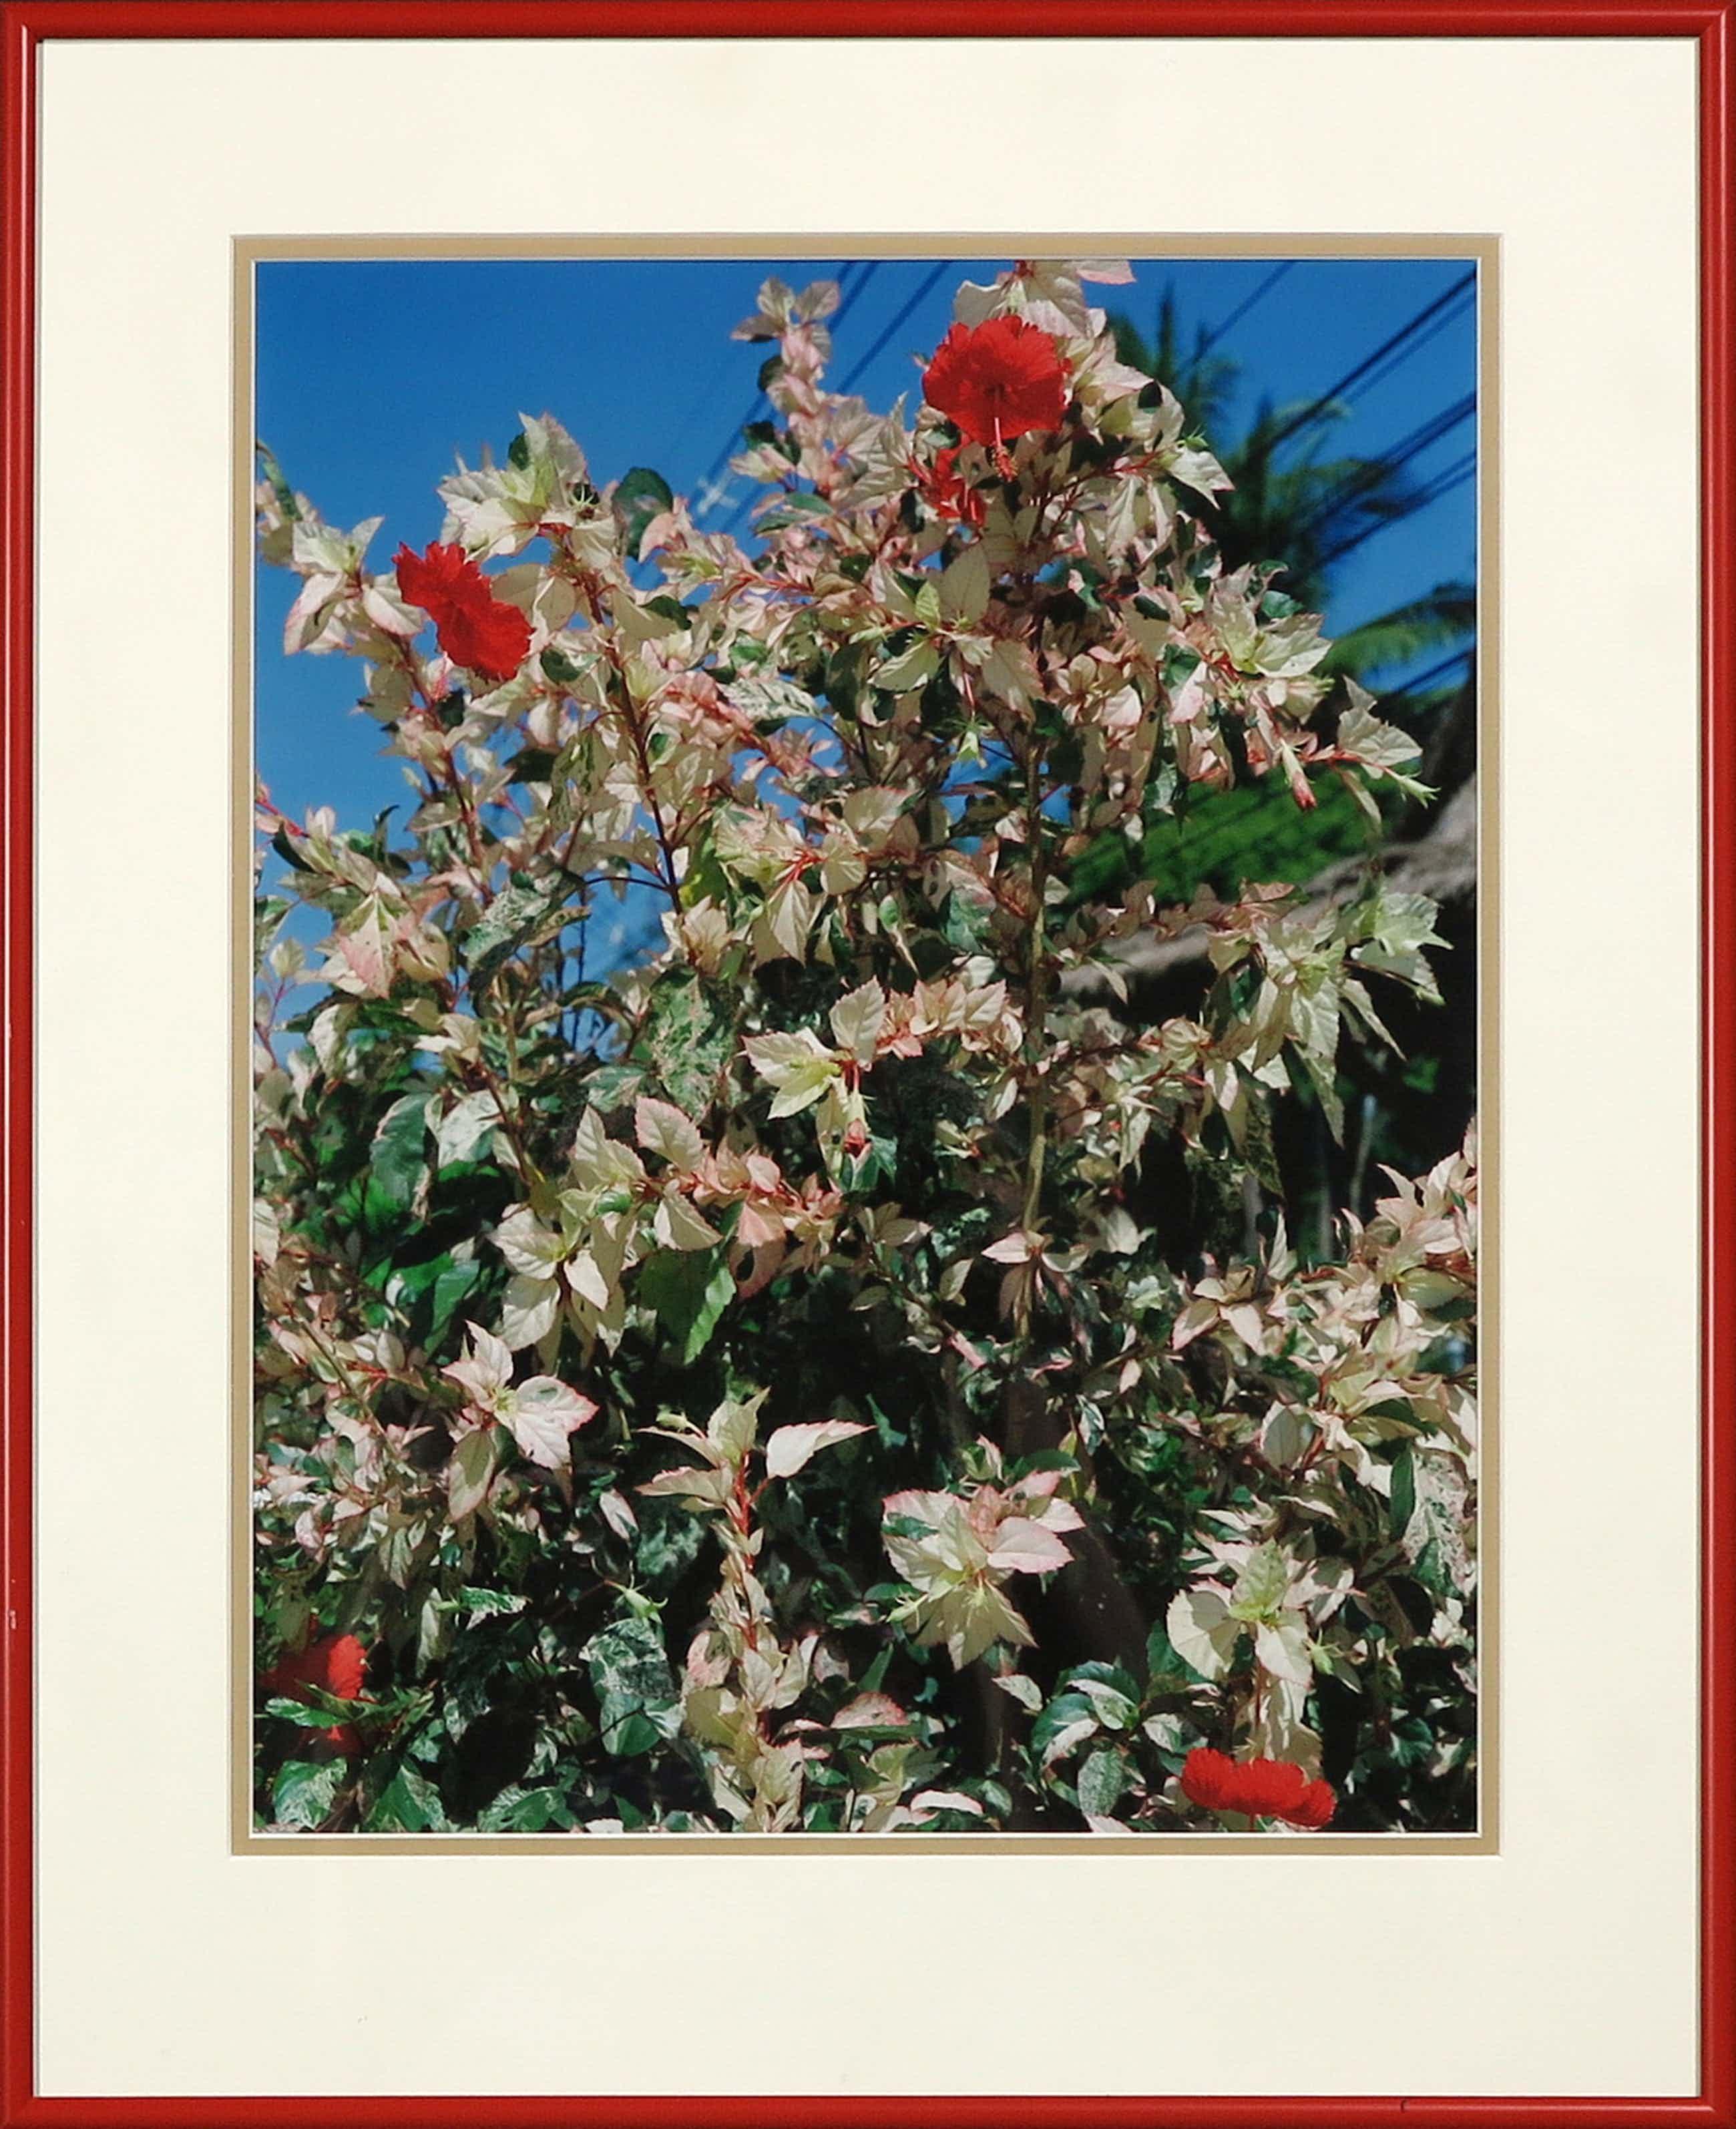 Marnix Goossens - Foto, Hibiscus - Ingelijst + gesigneerde tentoonstellingscatalogus kopen? Bied vanaf 270!